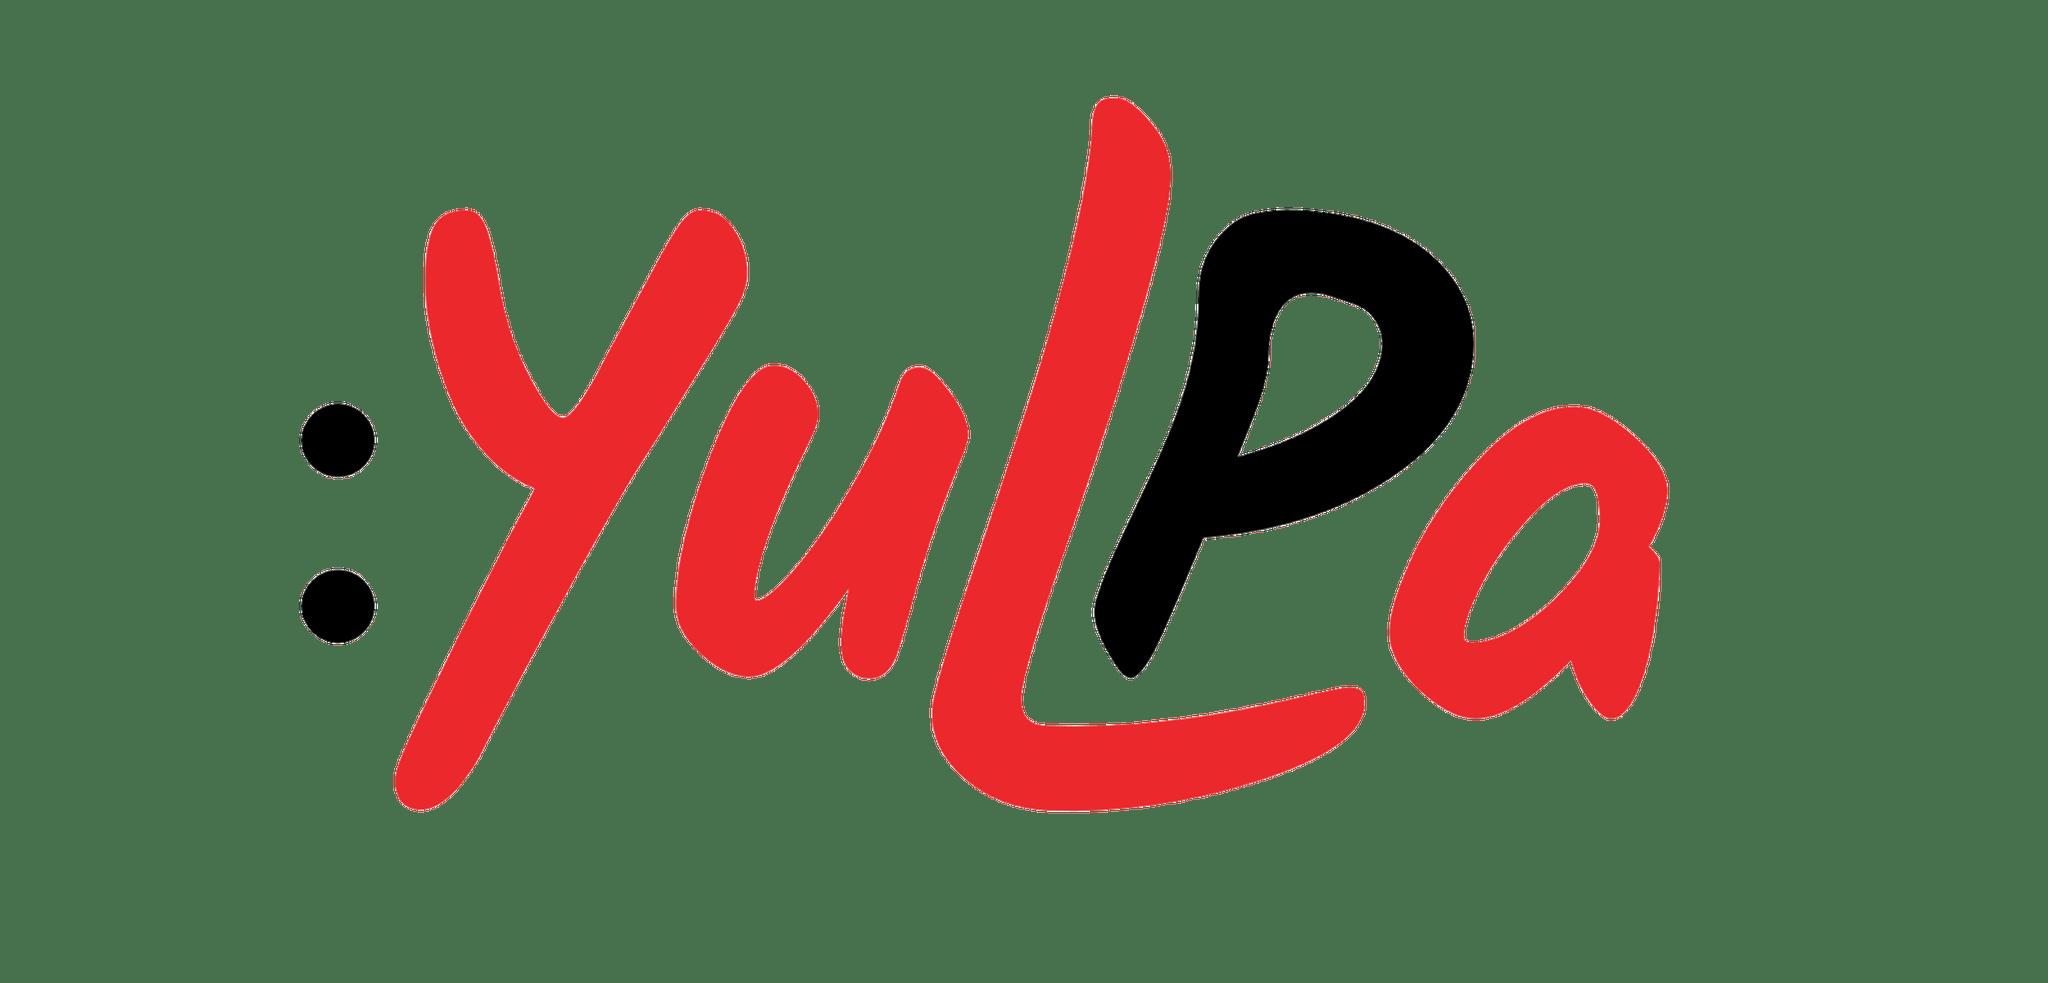 Yulpa